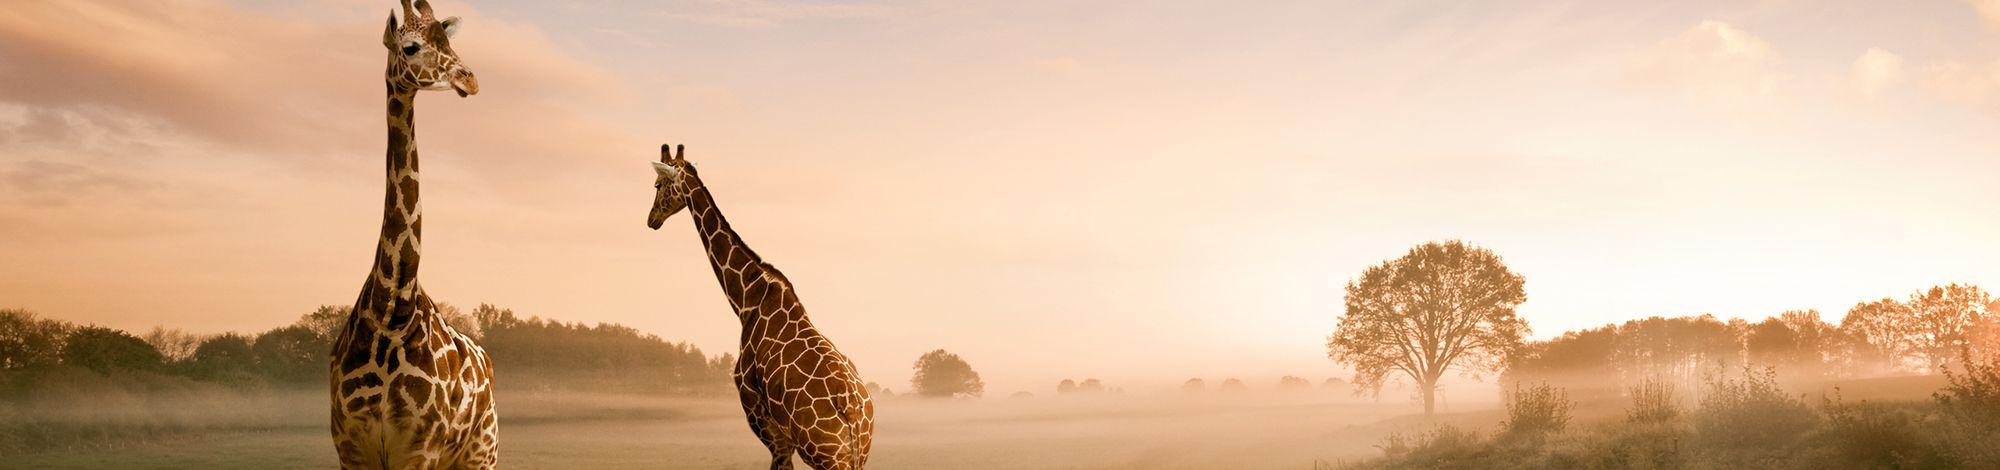 Bild von Kenia